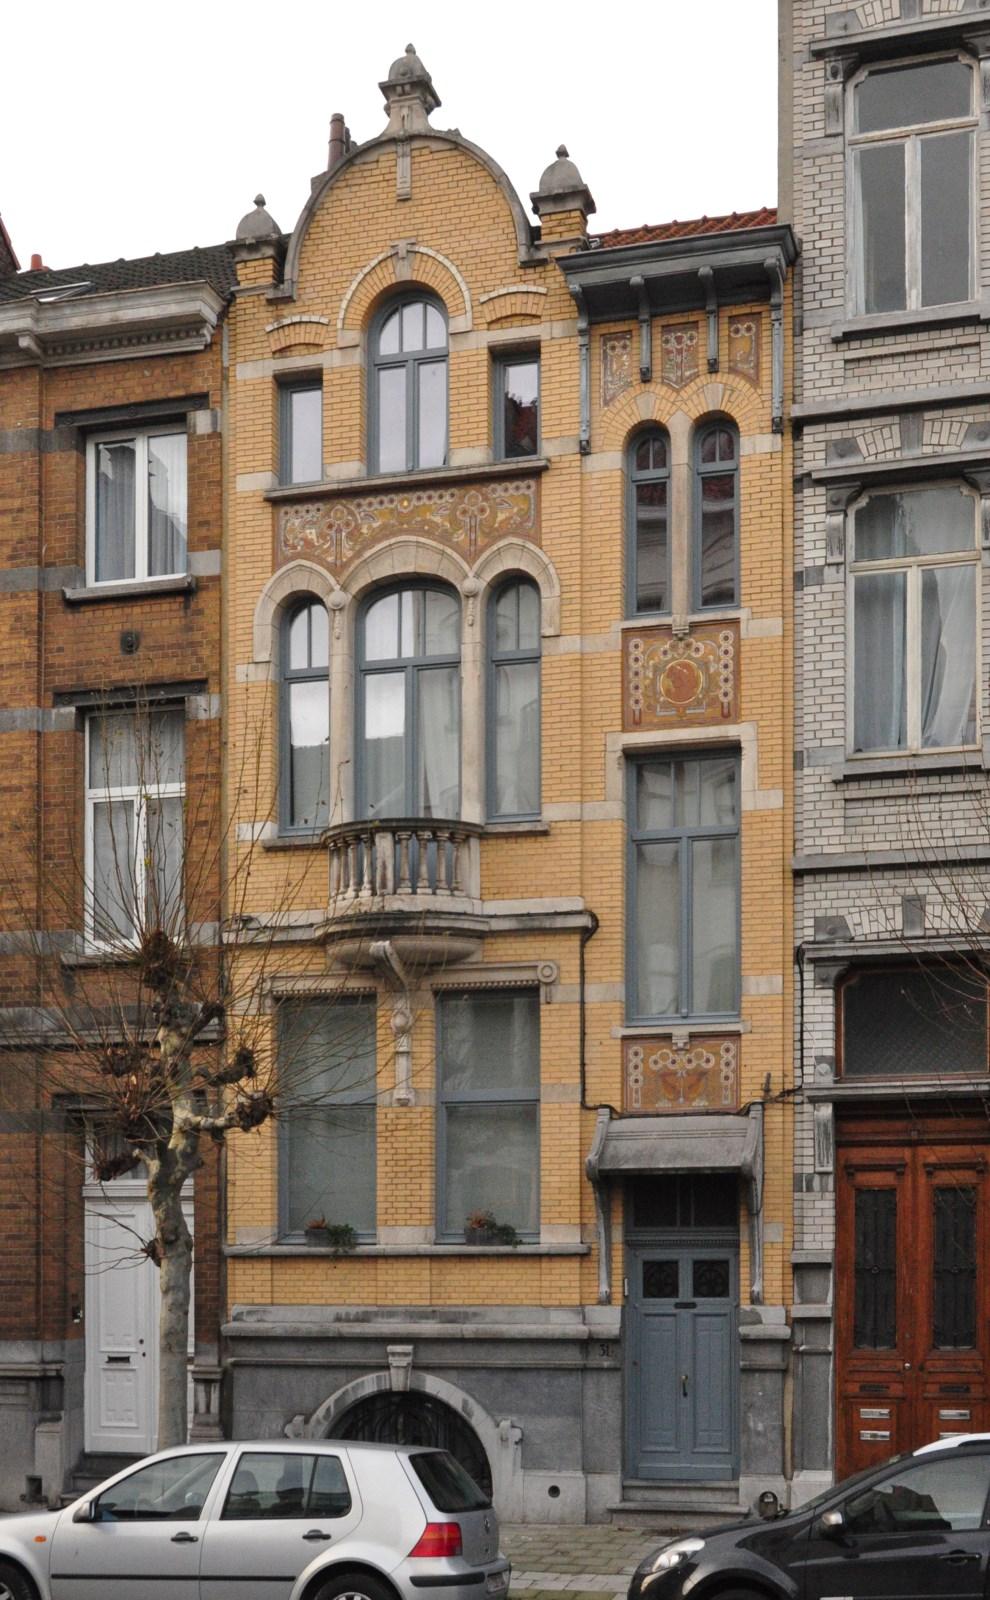 Avenue Sleeckx 31, 2012